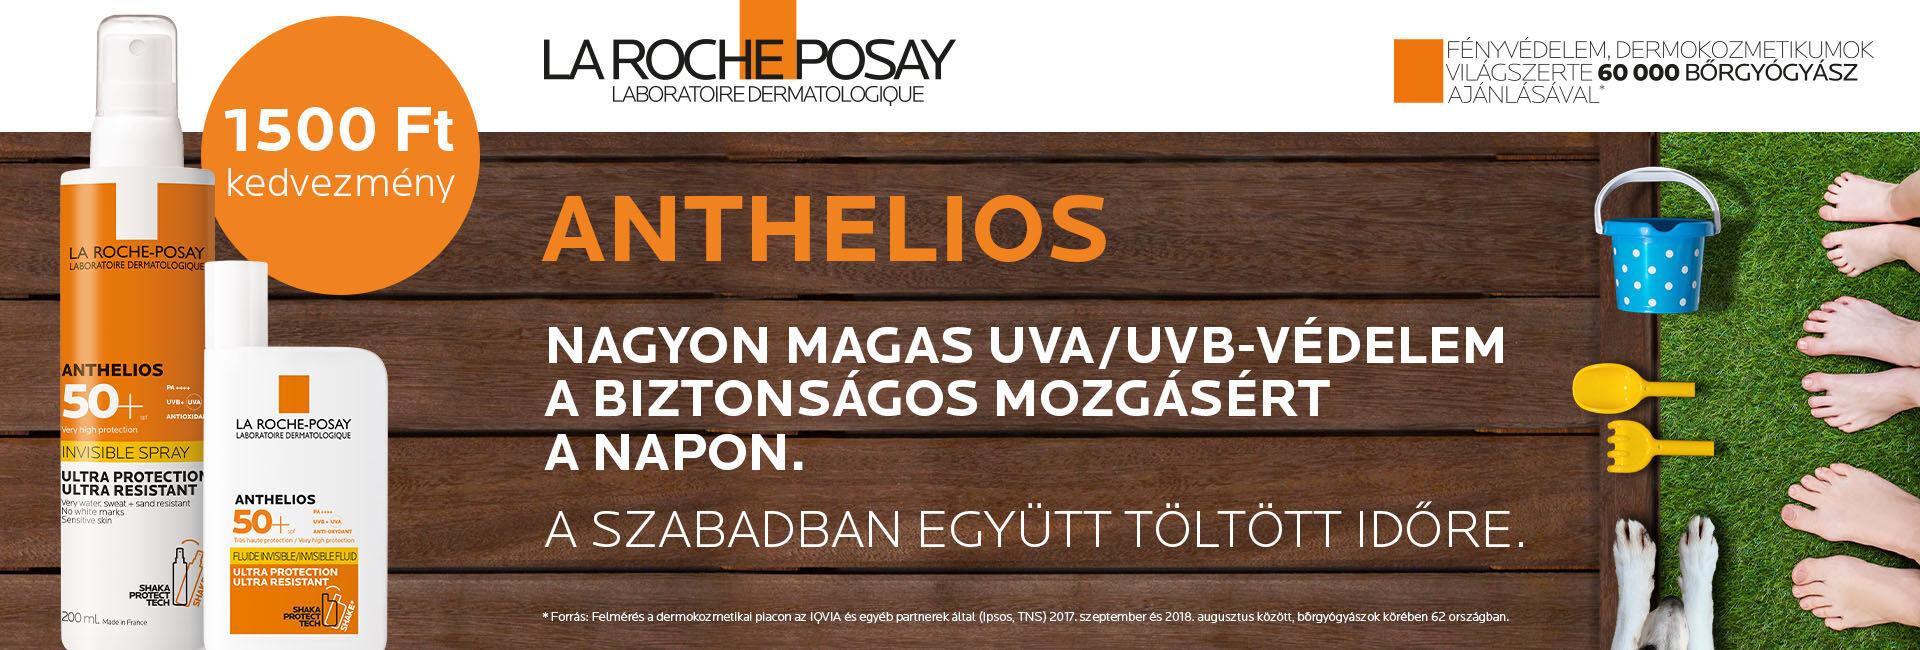 Most 1.500 Ft kedvezményt adunk minden La Roche-Posay Anthelios napvédő és Posthelios napozás utáni termék árából!